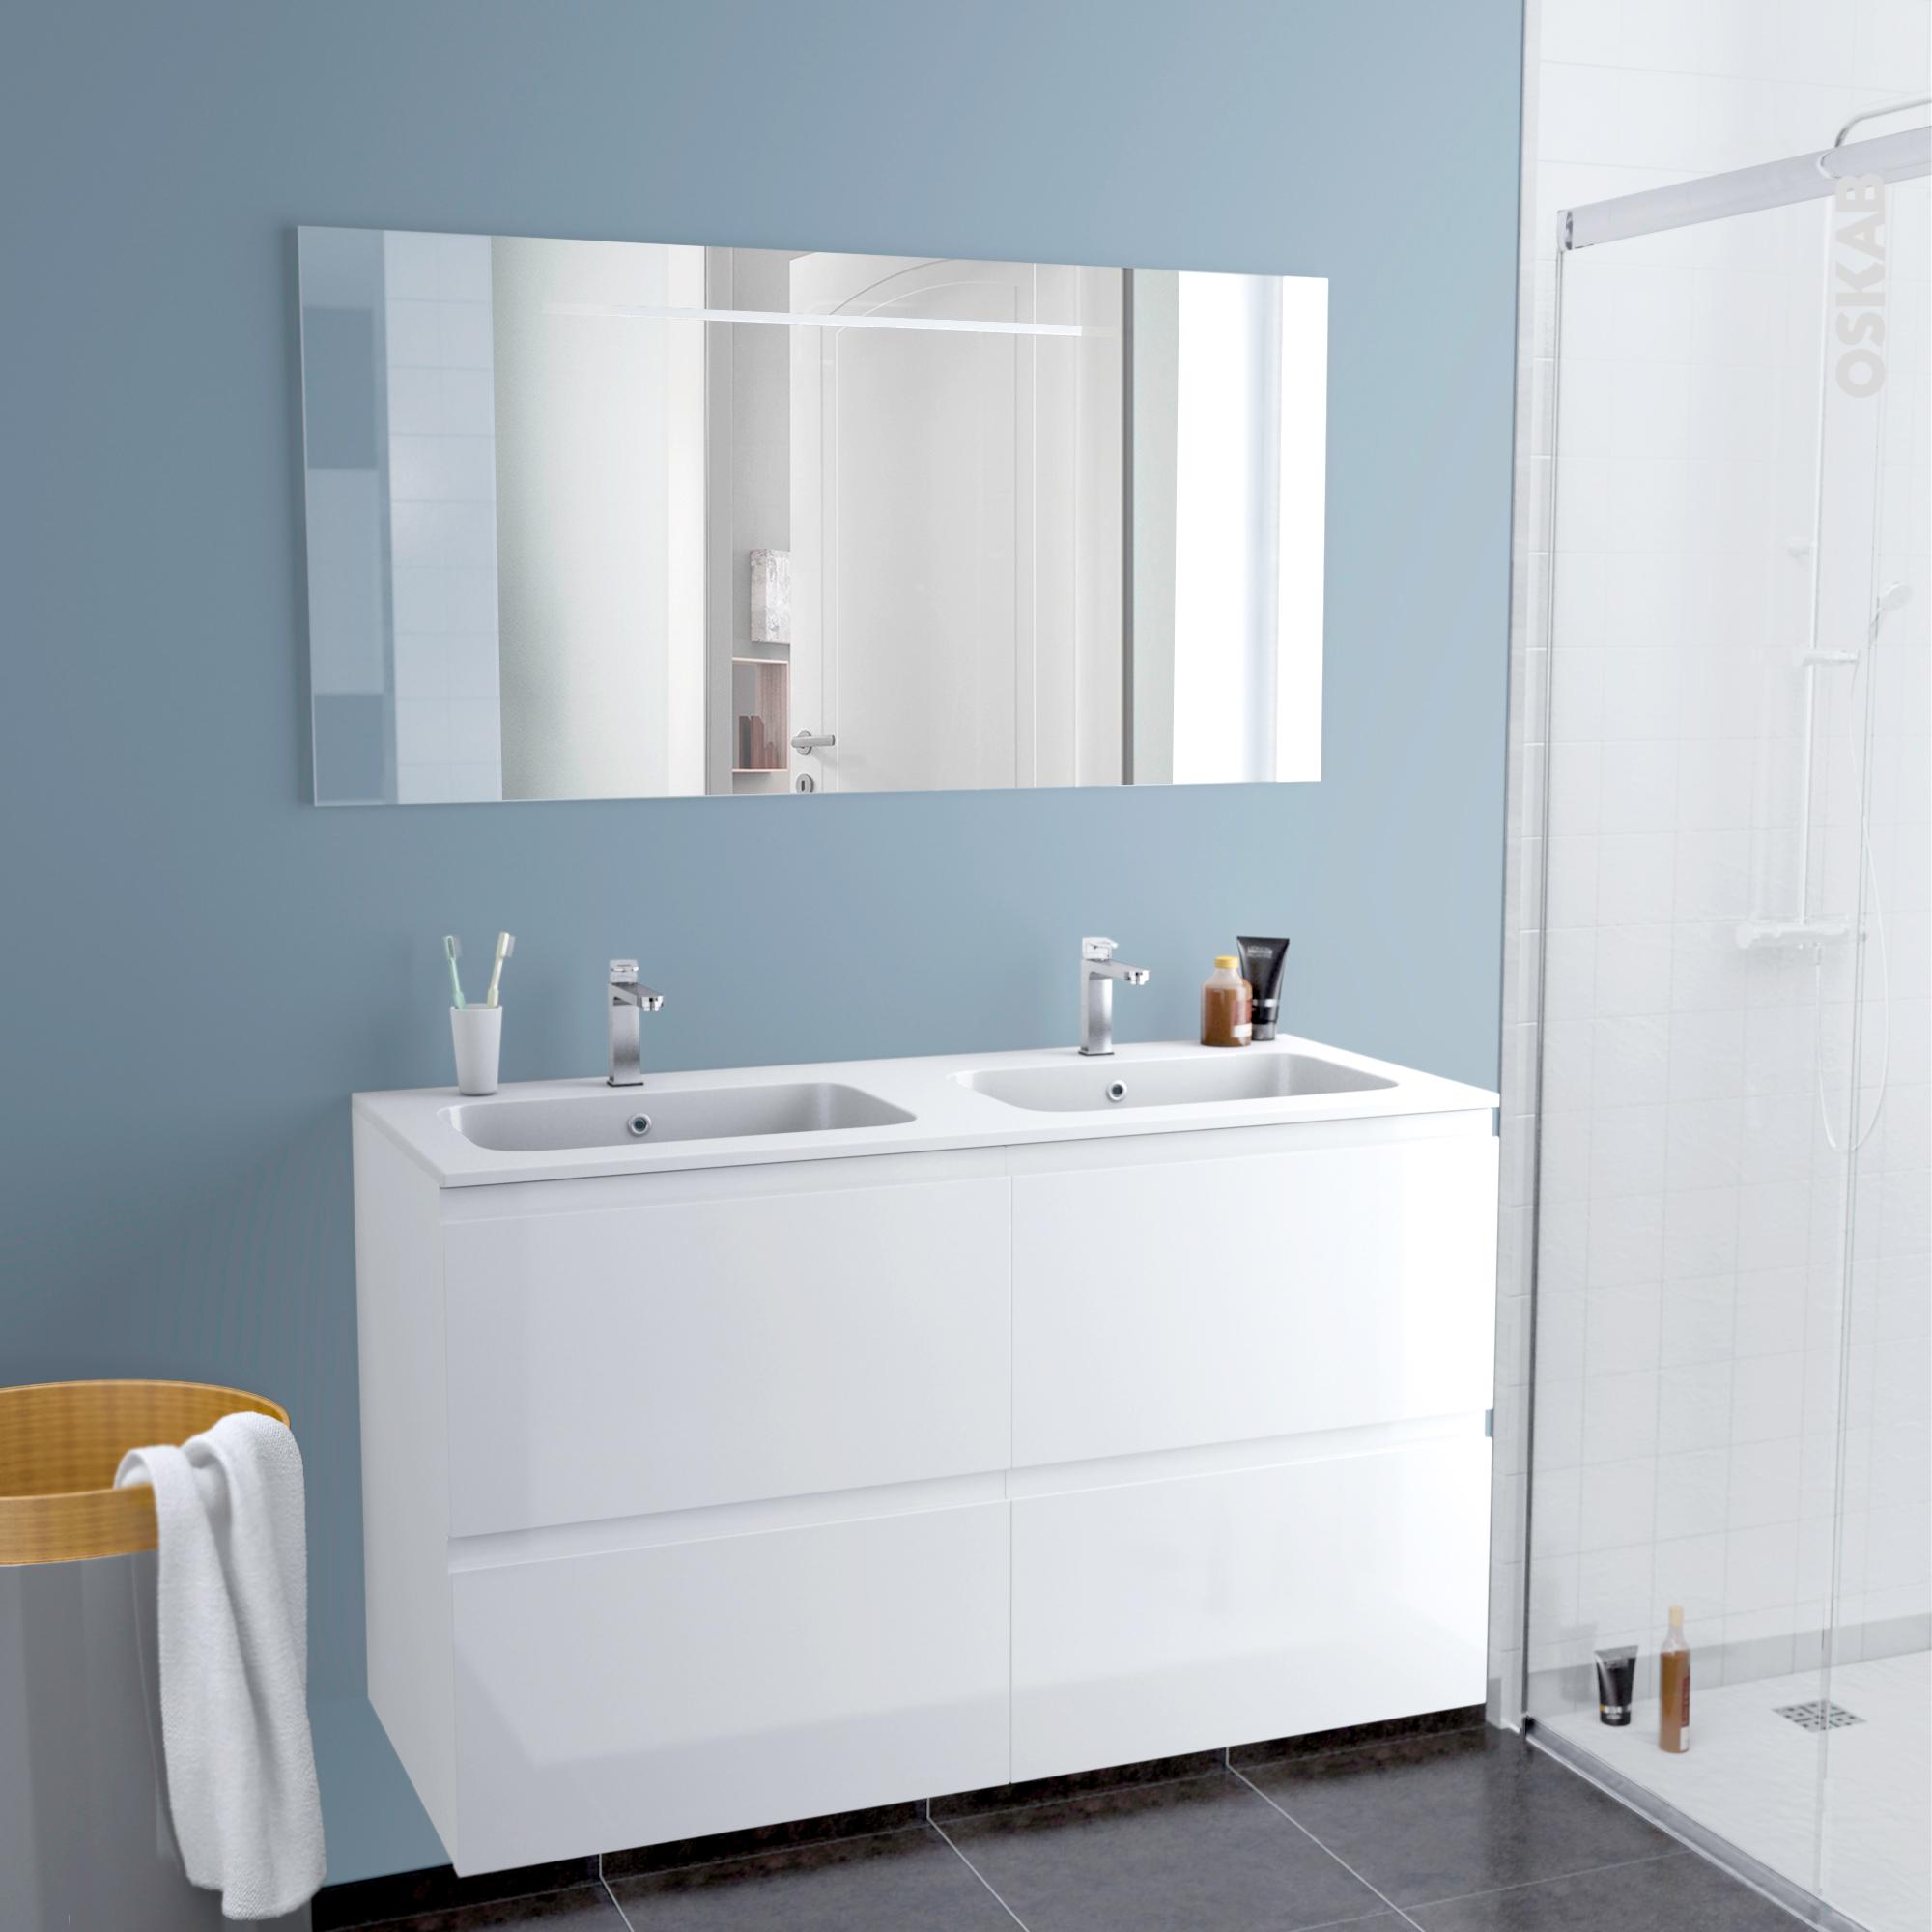 5 beau meuble salle de bain double vasque 140 cm image. Black Bedroom Furniture Sets. Home Design Ideas